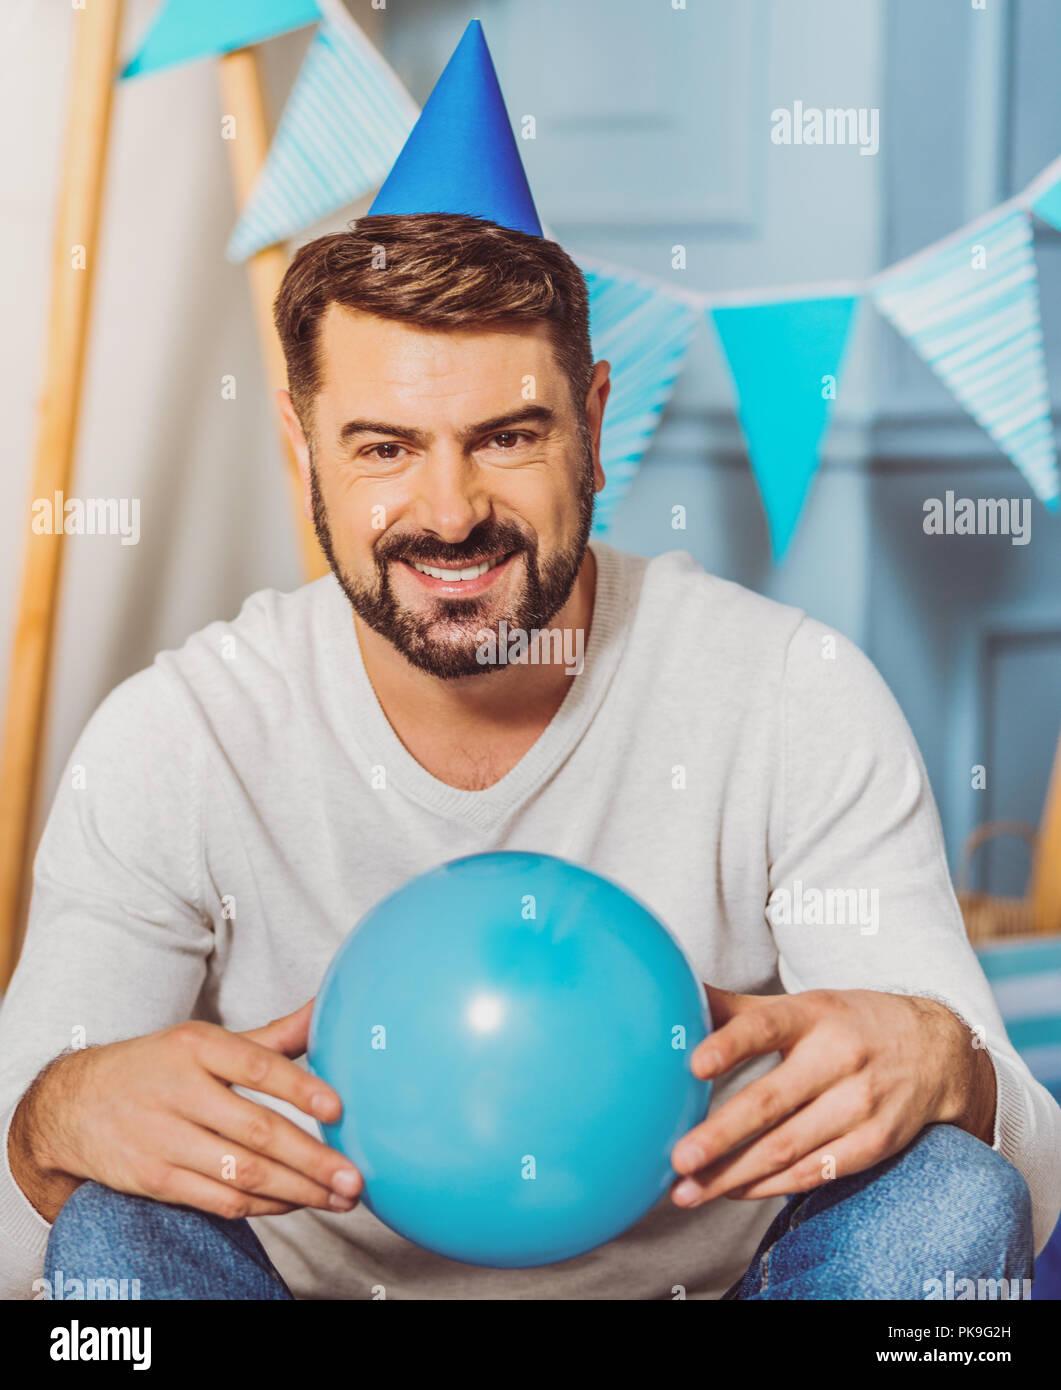 Apuesto hombre feliz monkeying con balón Imagen De Stock